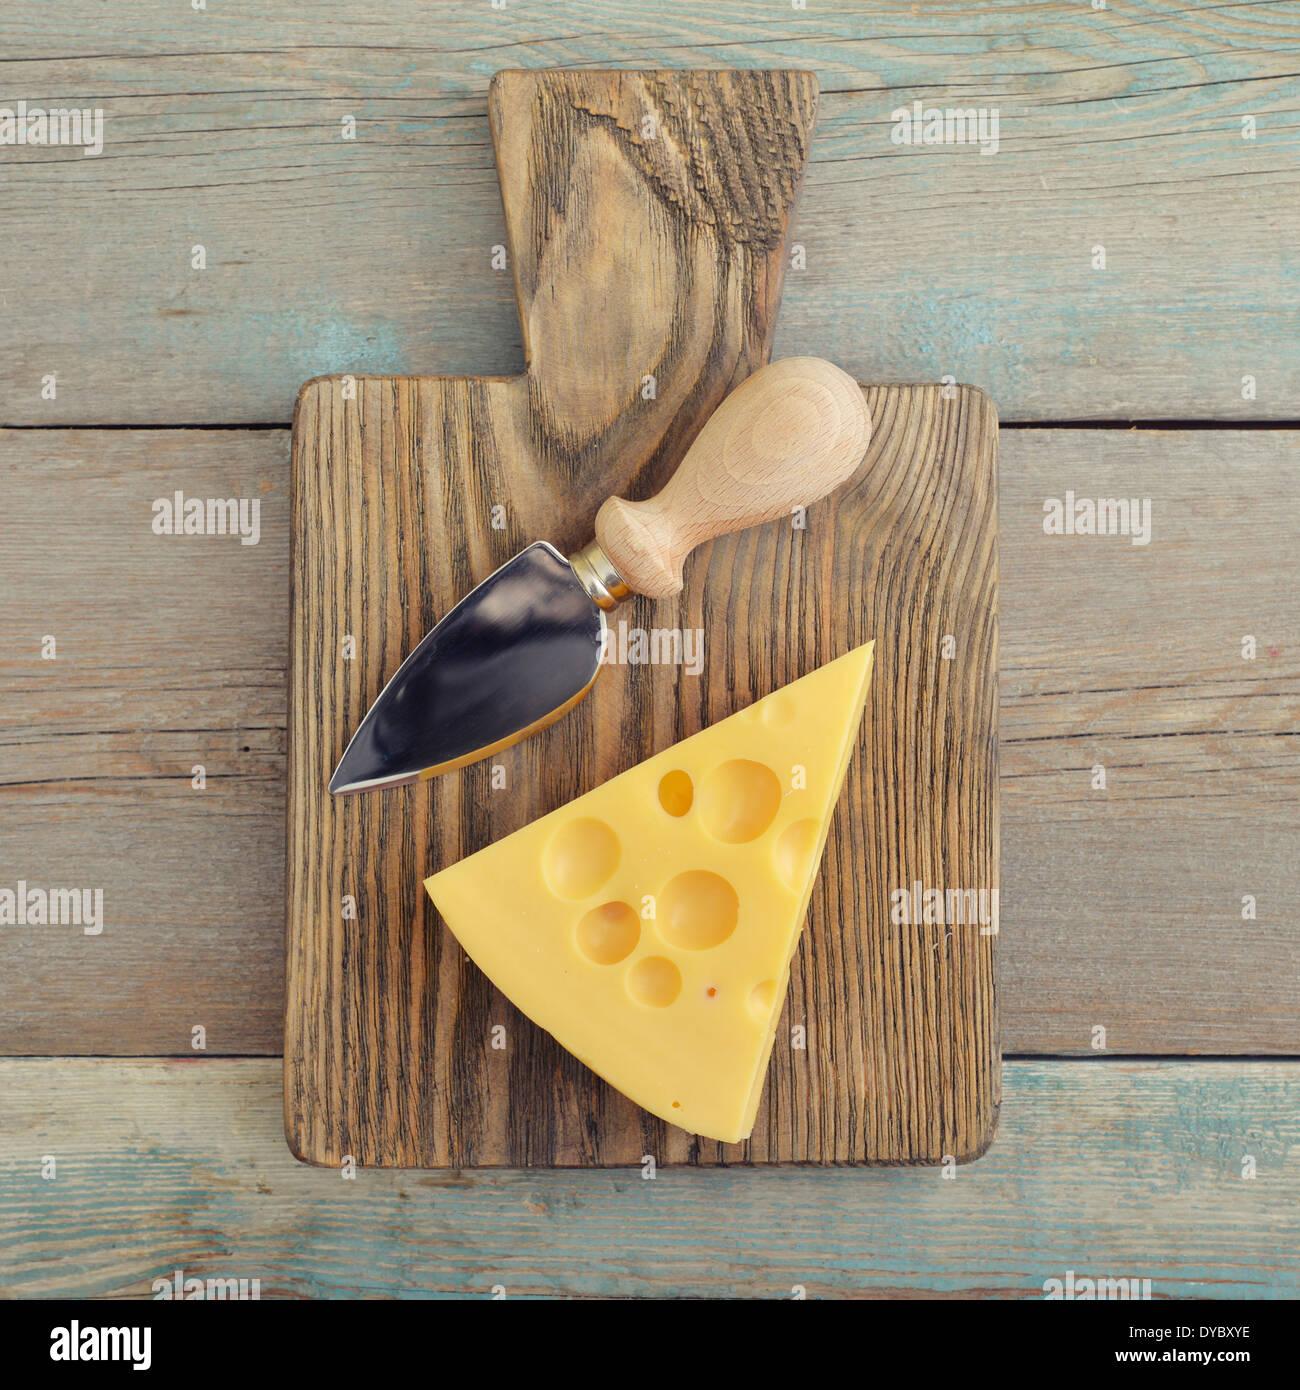 Formaggio con grandi fori e il coltello sul tagliere di legno Immagini Stock